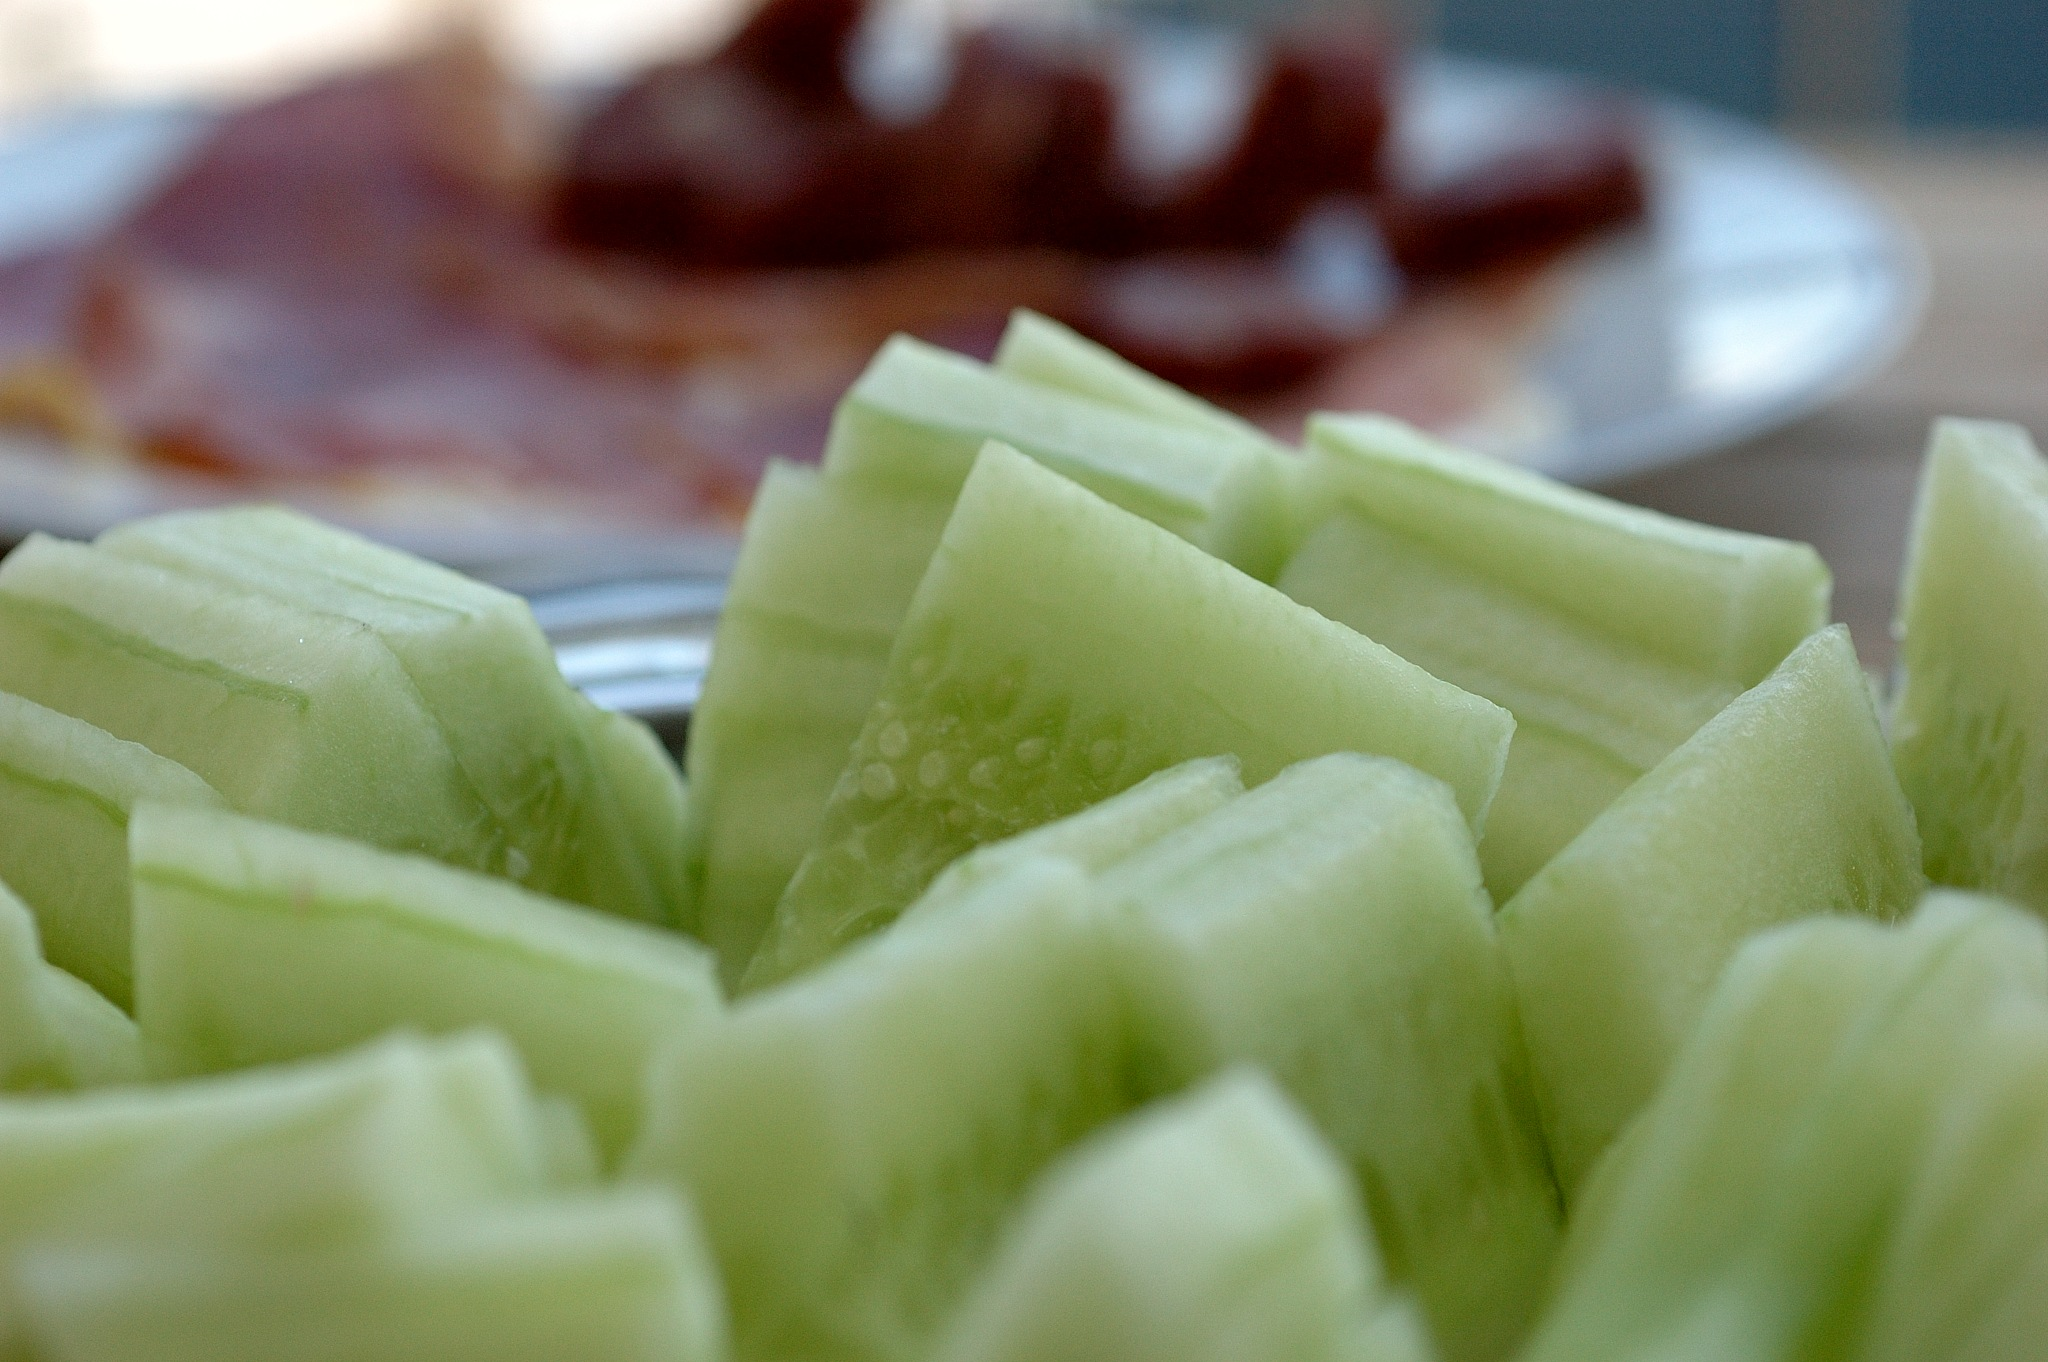 cucumbers by Frank Fremerey